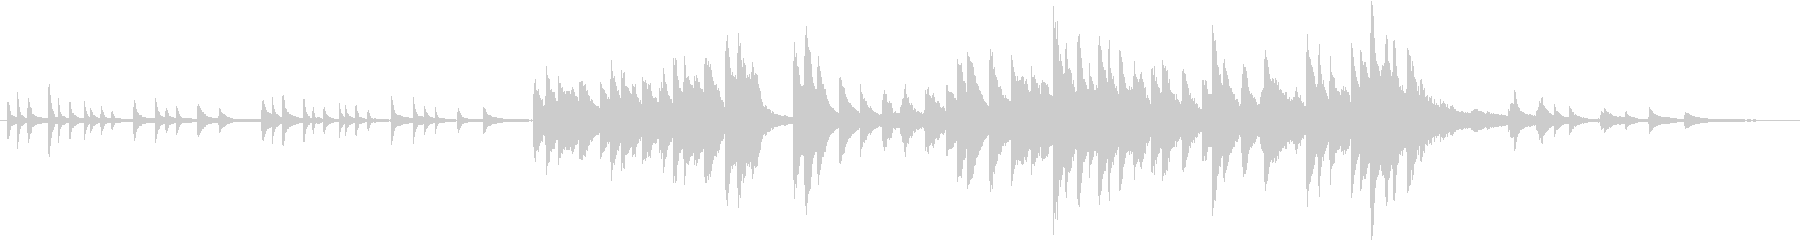 木星(ピアノカバー)の未再生の波形